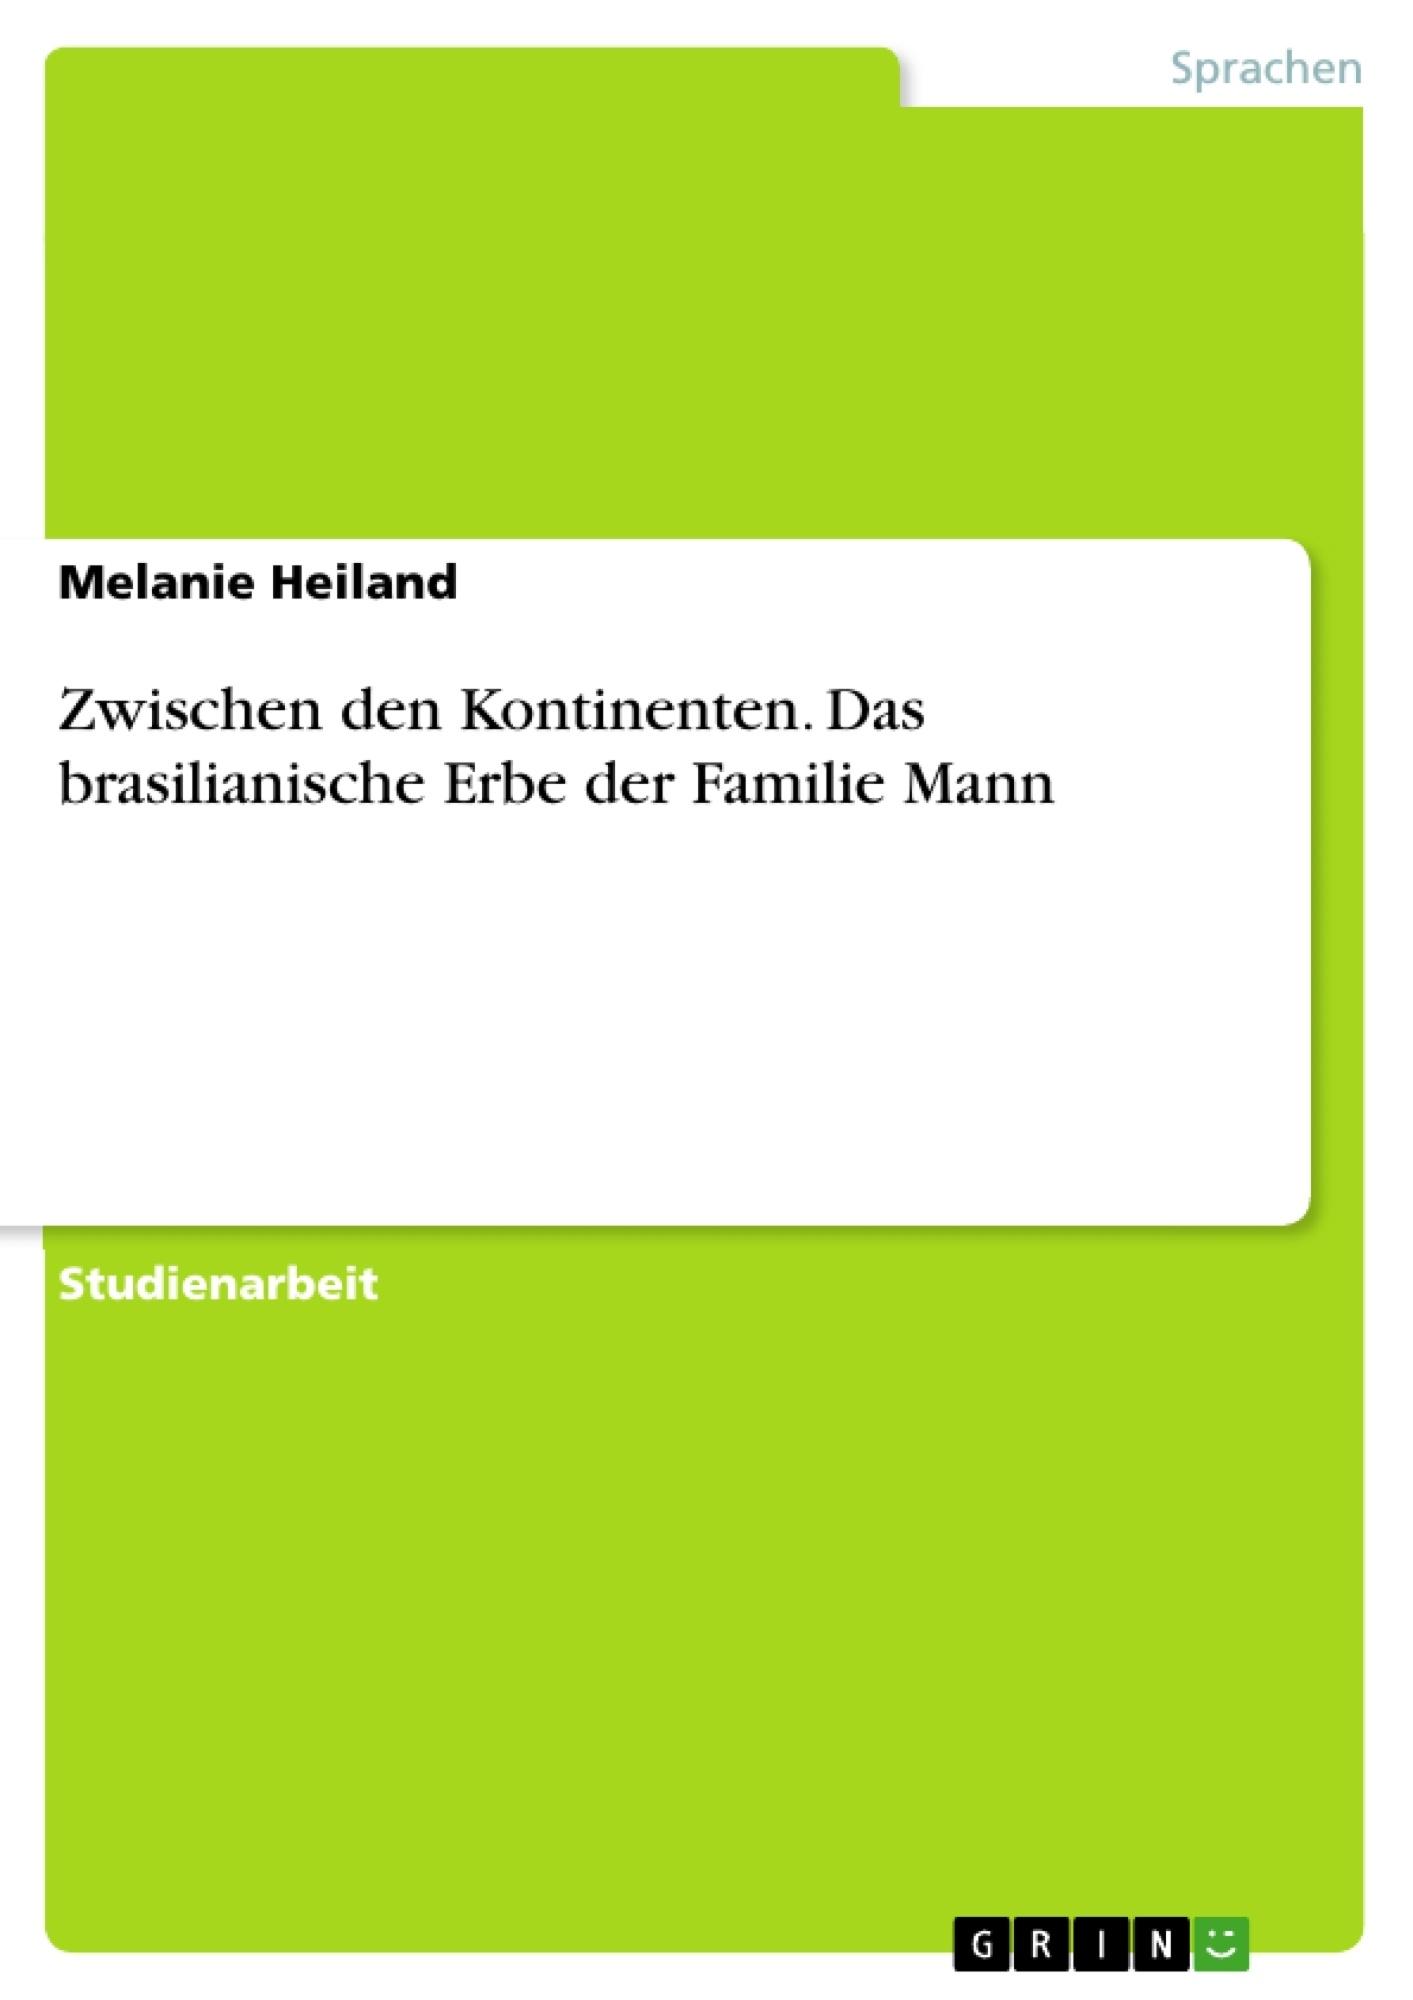 Titel: Zwischen den Kontinenten. Das brasilianische Erbe der Familie Mann